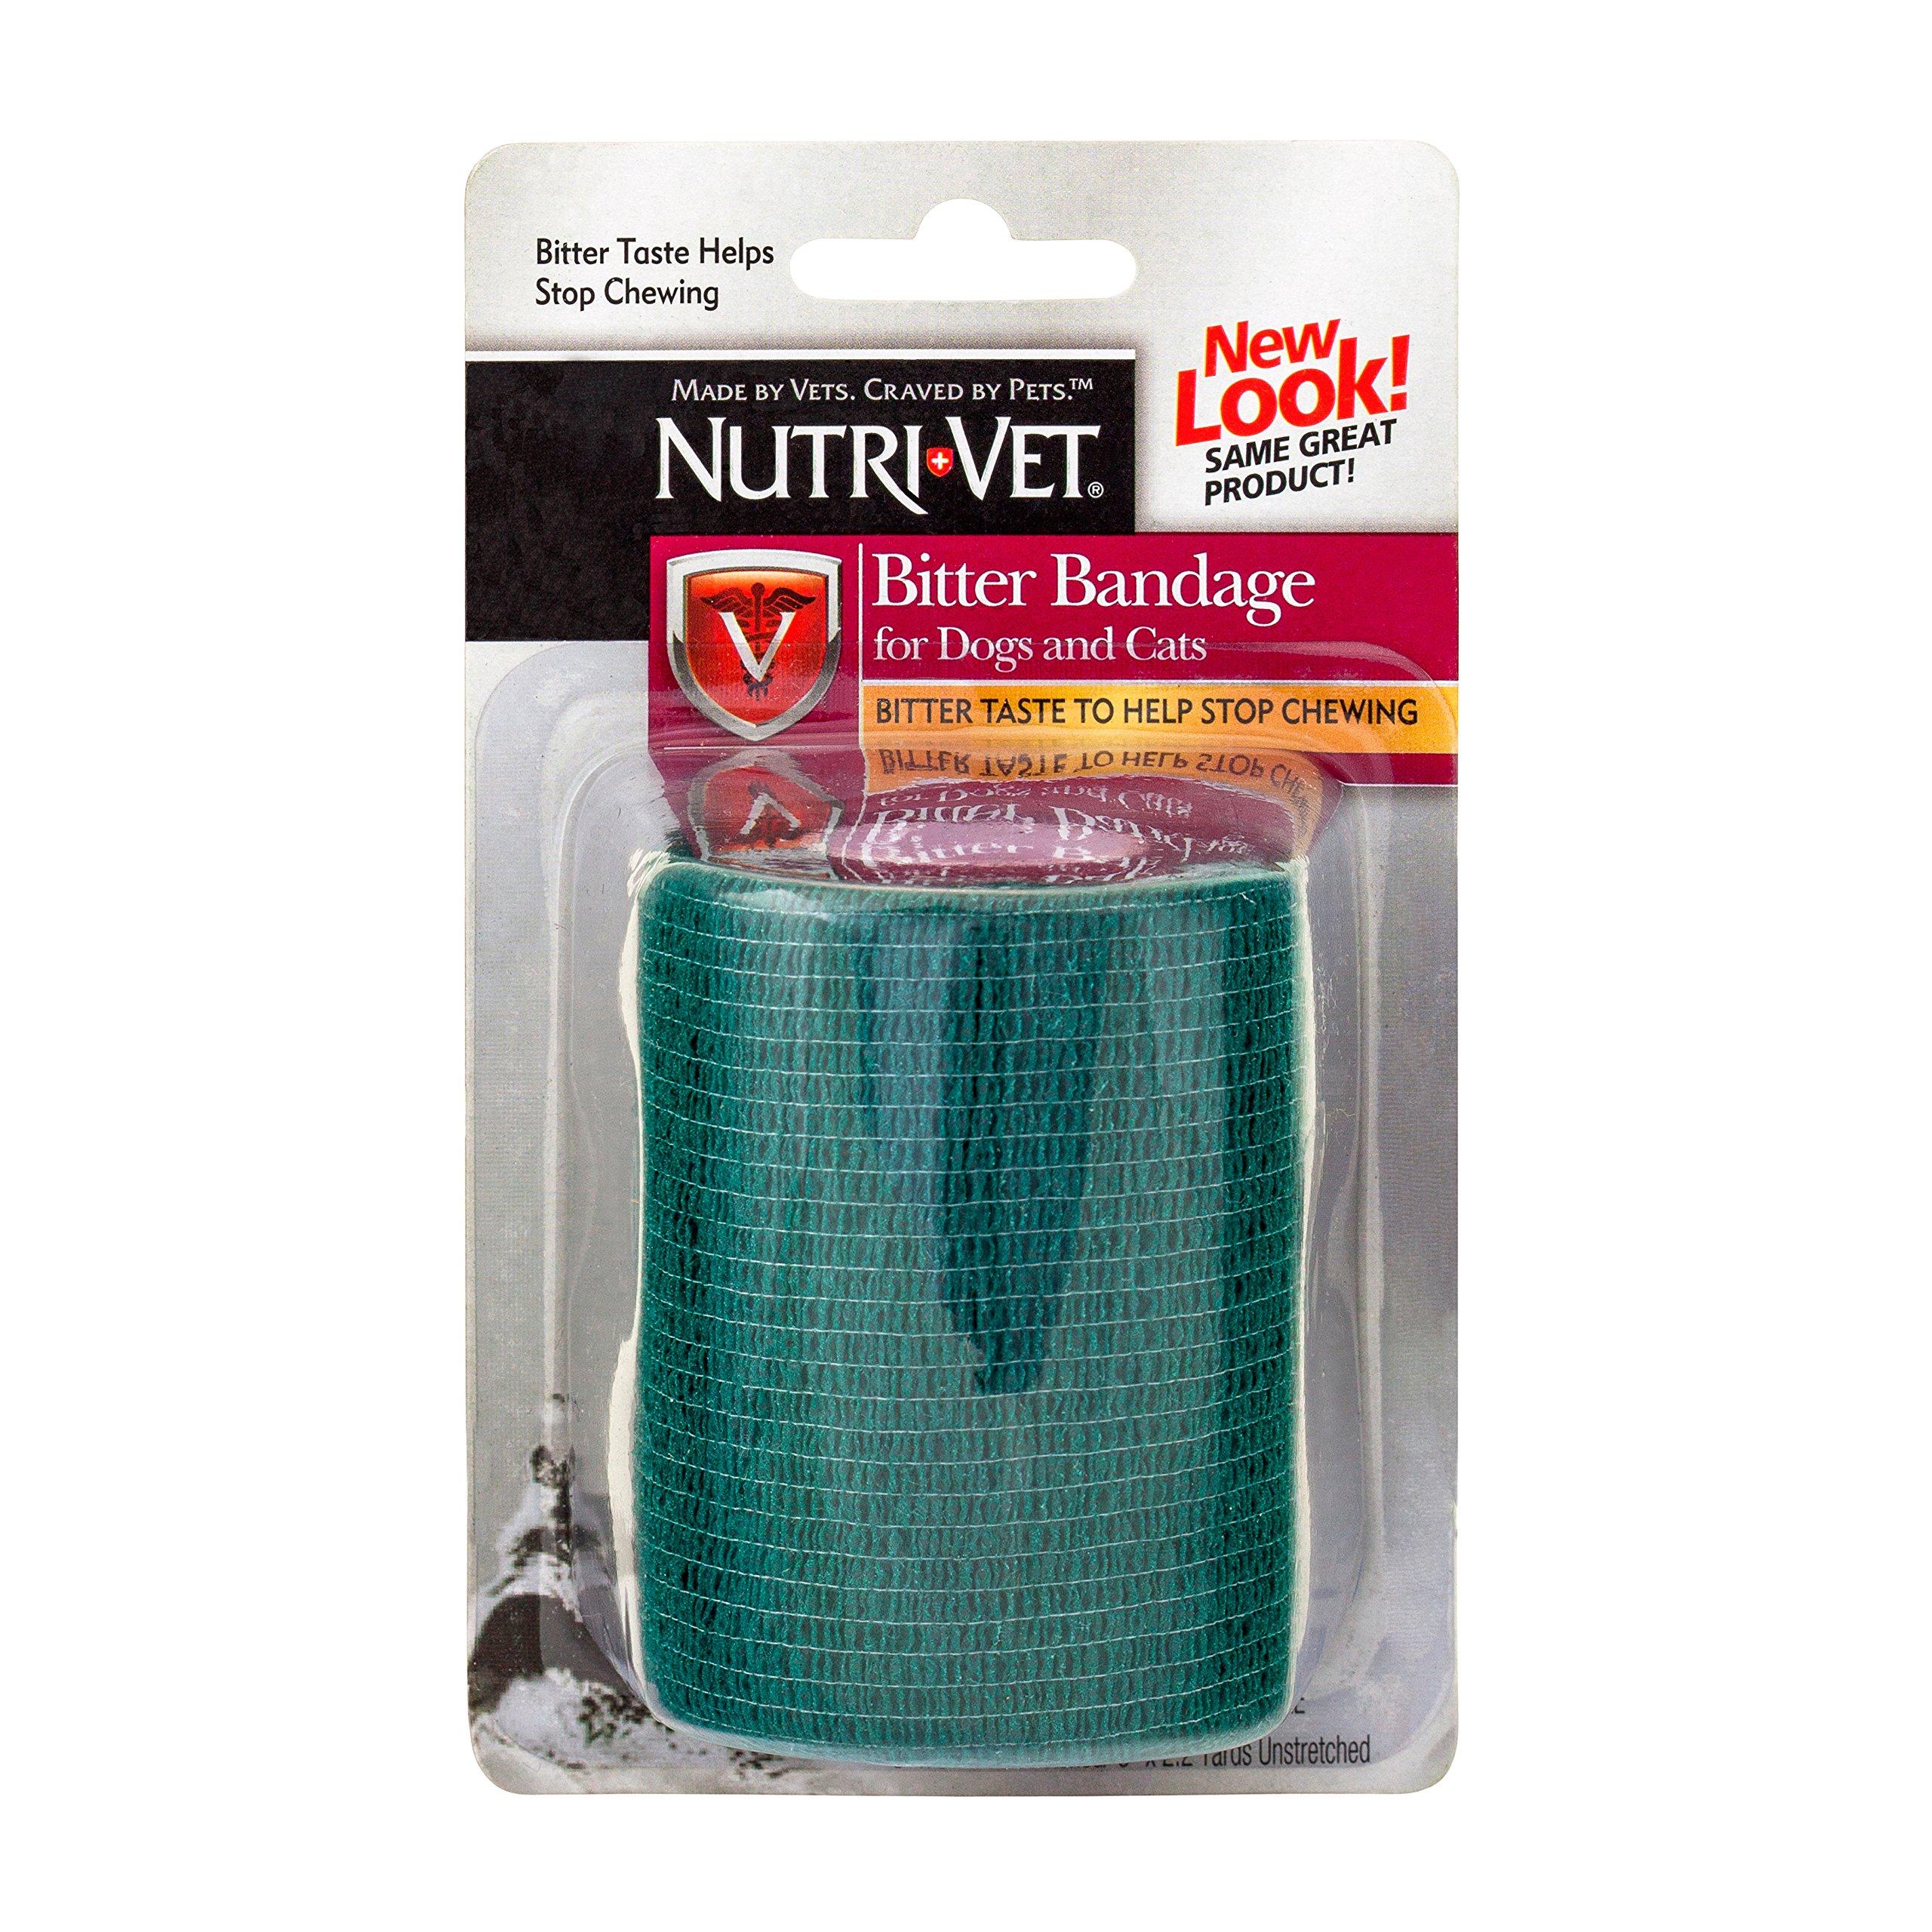 Nutri-Vet Wellness Bitter Bandage, Colors May Vary by Nutri-Vet